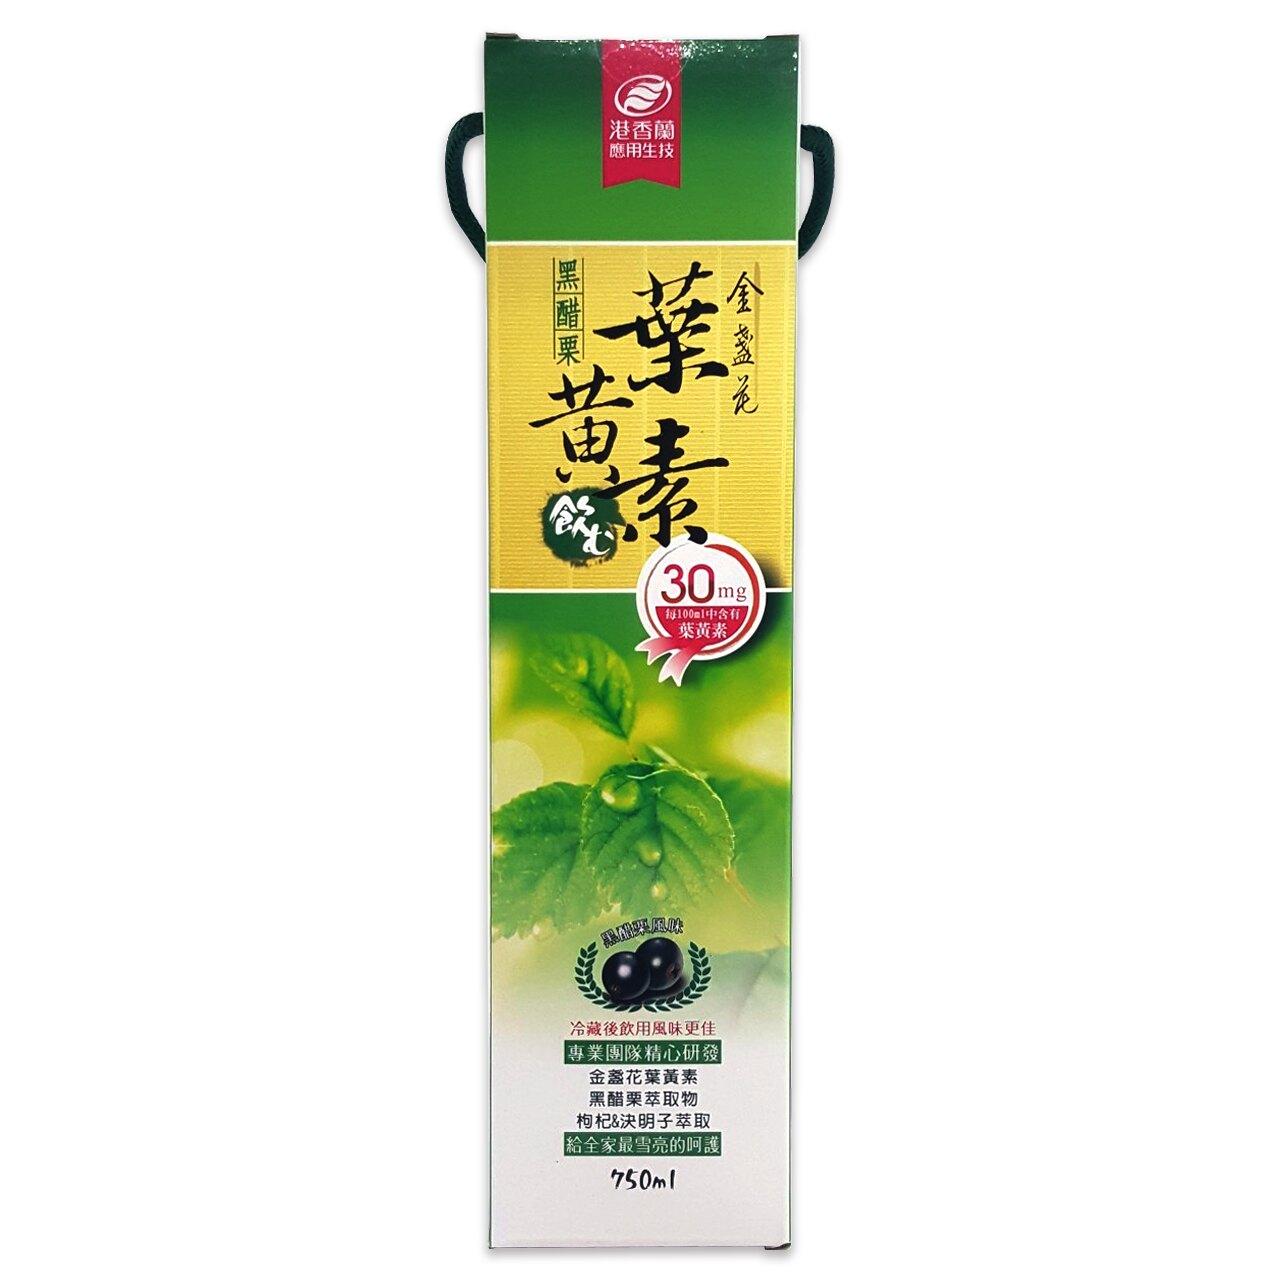 港香蘭黑醋栗葉黃素飲750ml/瓶 2022/03 公司貨中文標 PG美妝